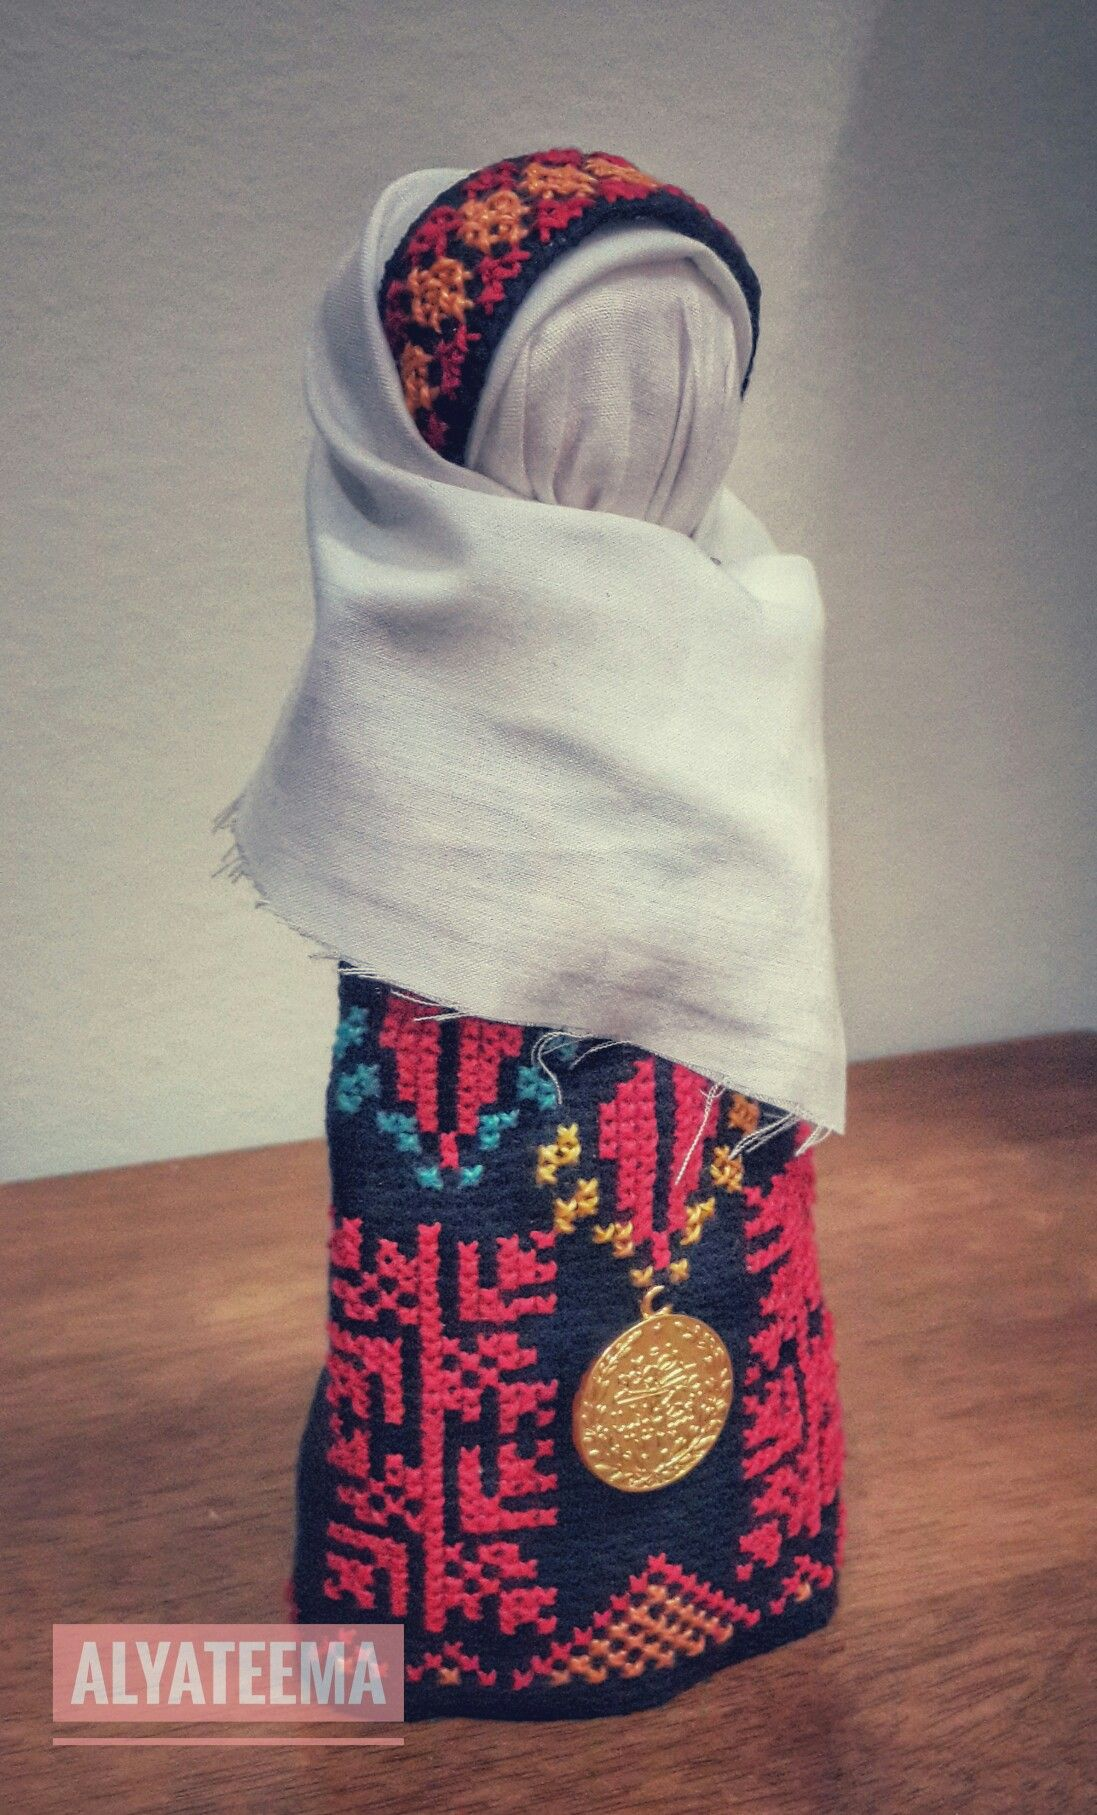 تطريز فلسطيني Cross stitch Palestenian Embroidery | My Done Project ...